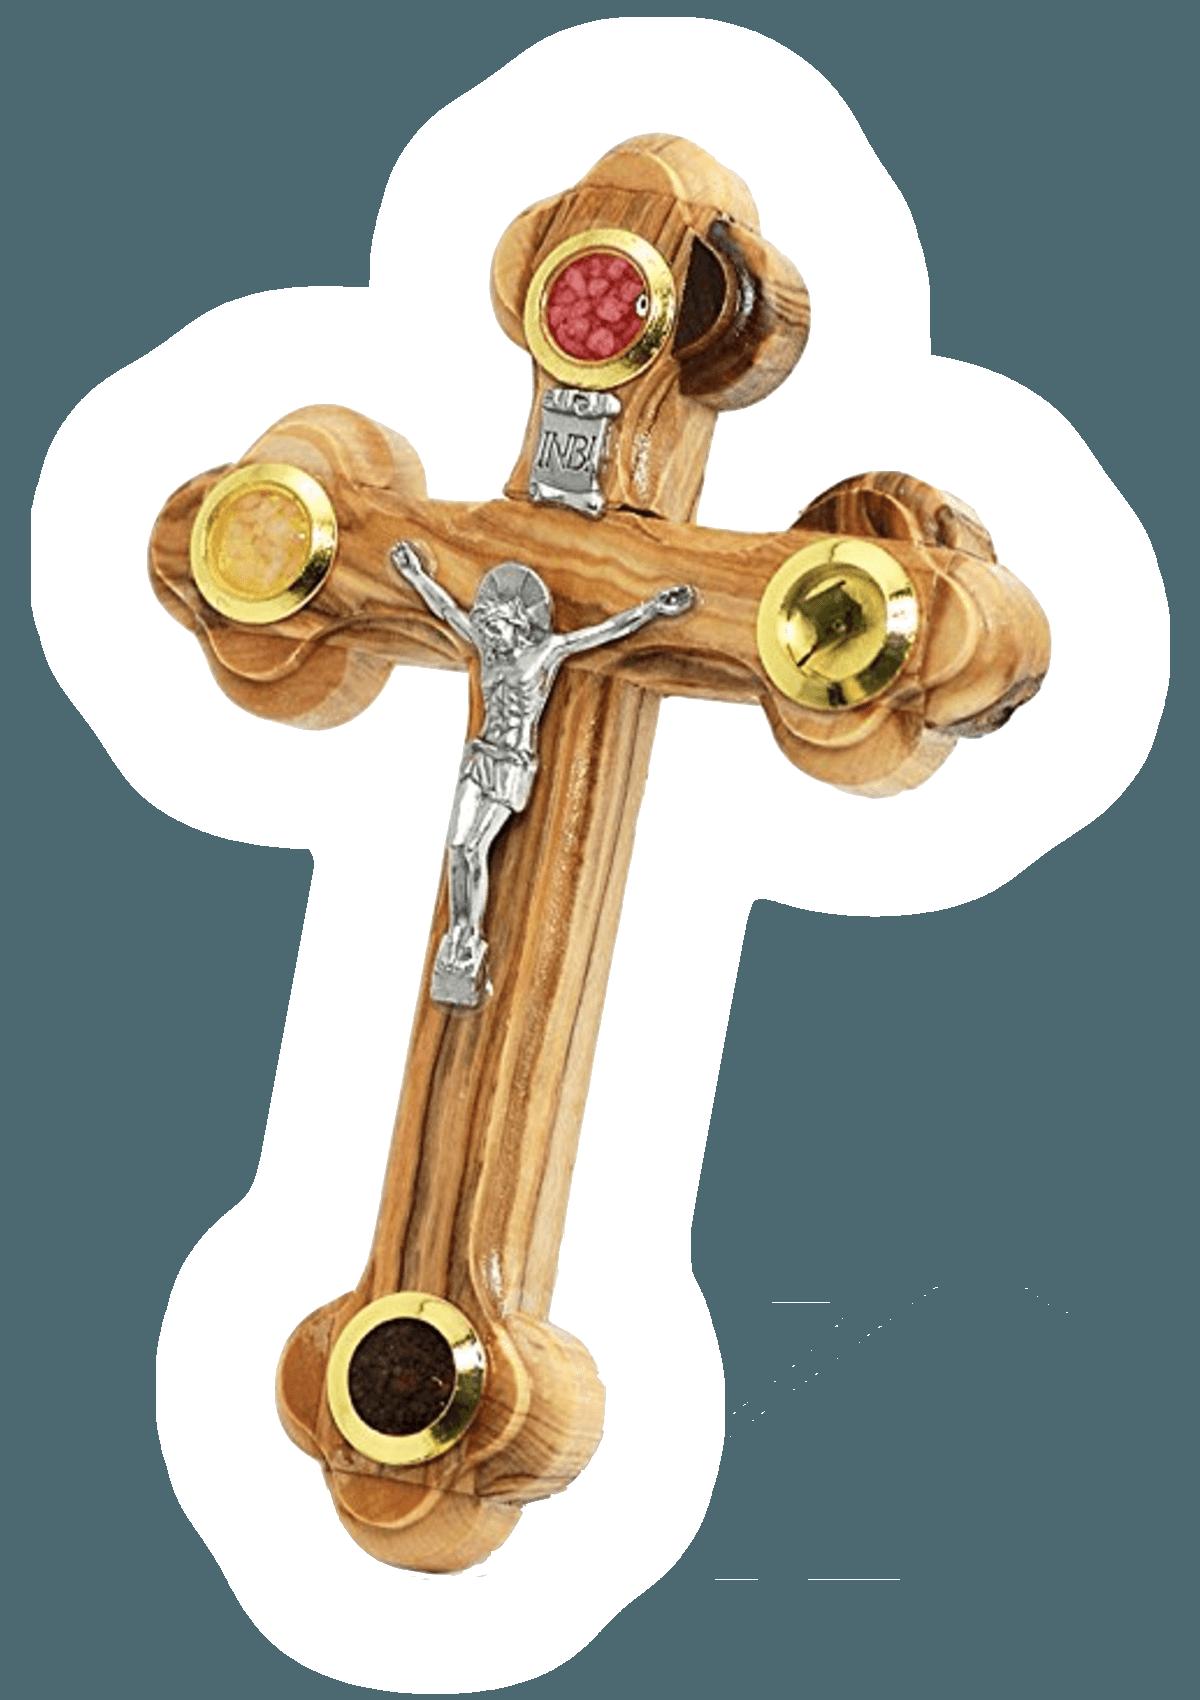 Jesus cross glowing - by Don Karl Juravin